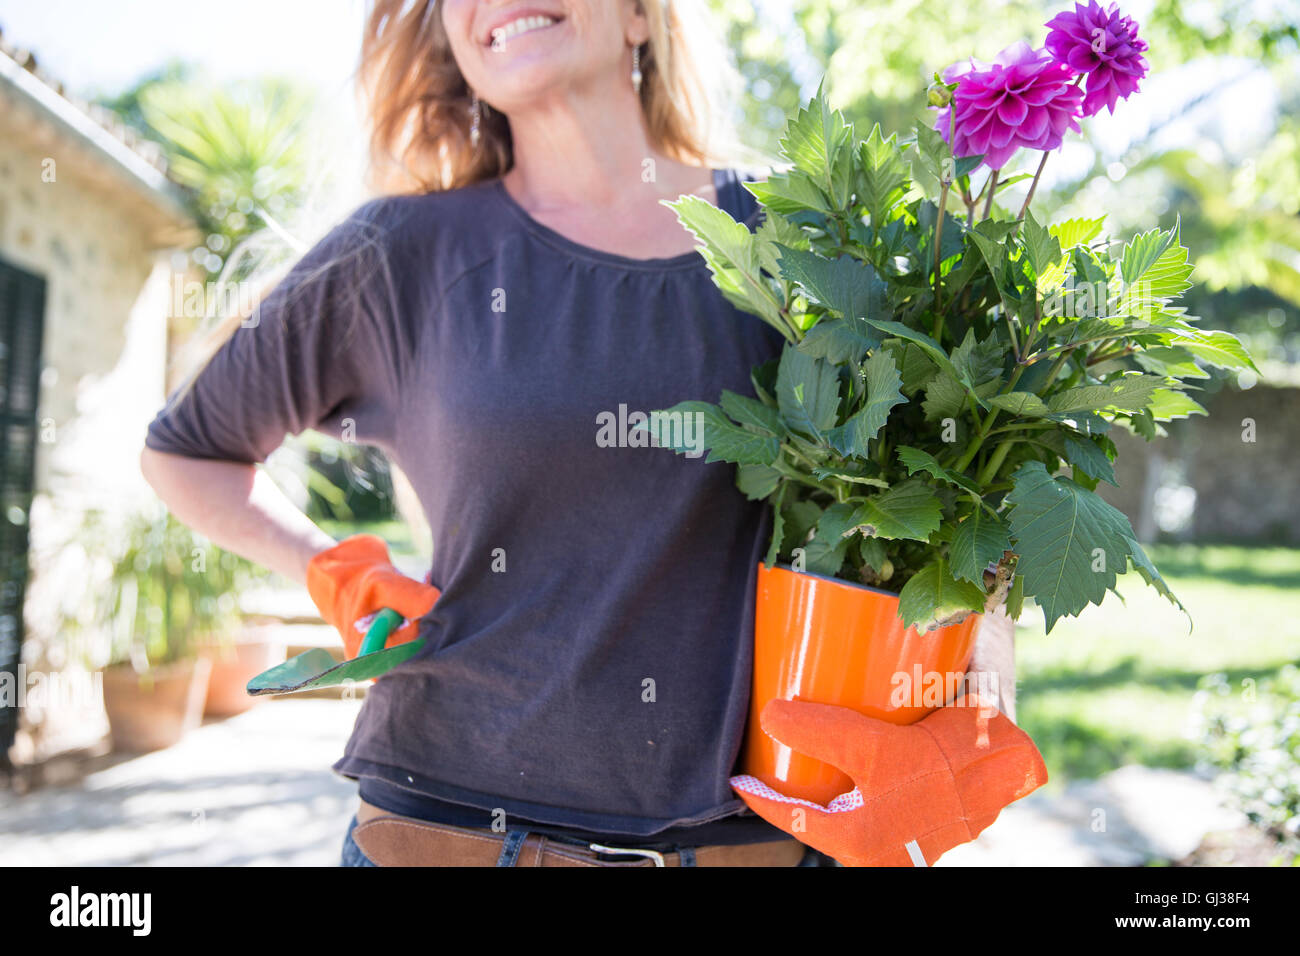 Donna che trasportano viola fioritura delle piante in giardino Immagini Stock